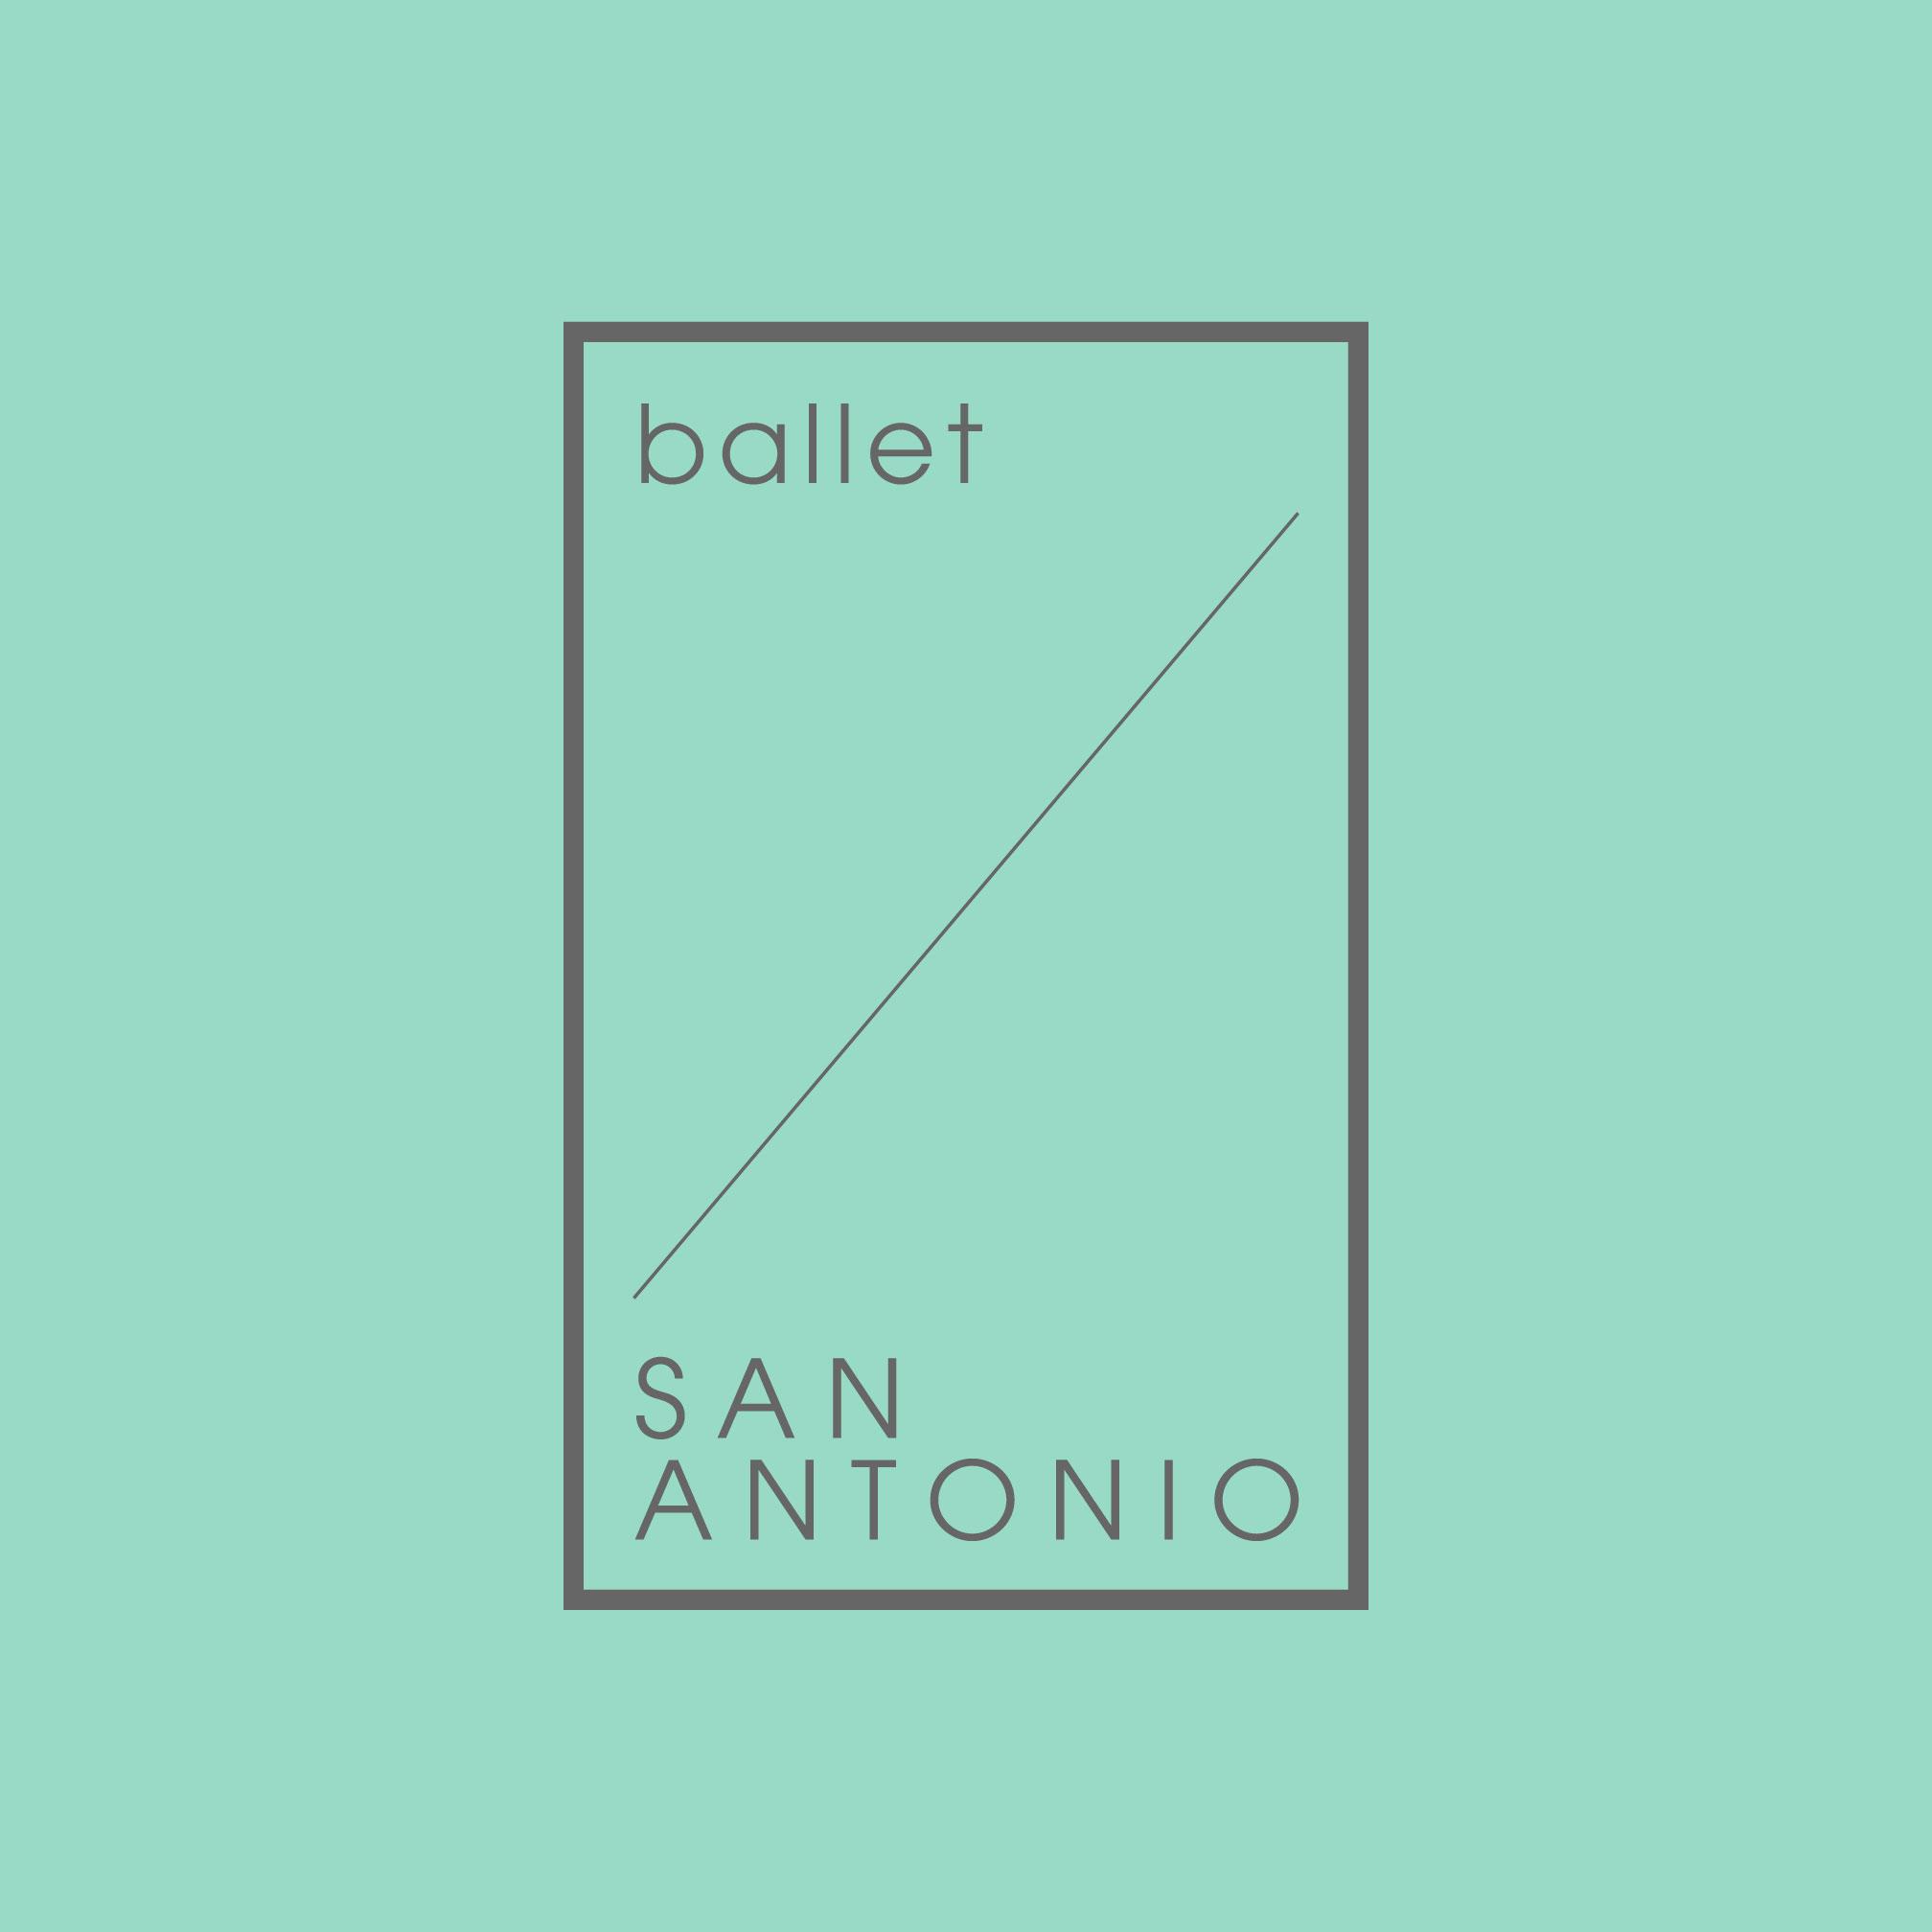 sa-ballet-logo4